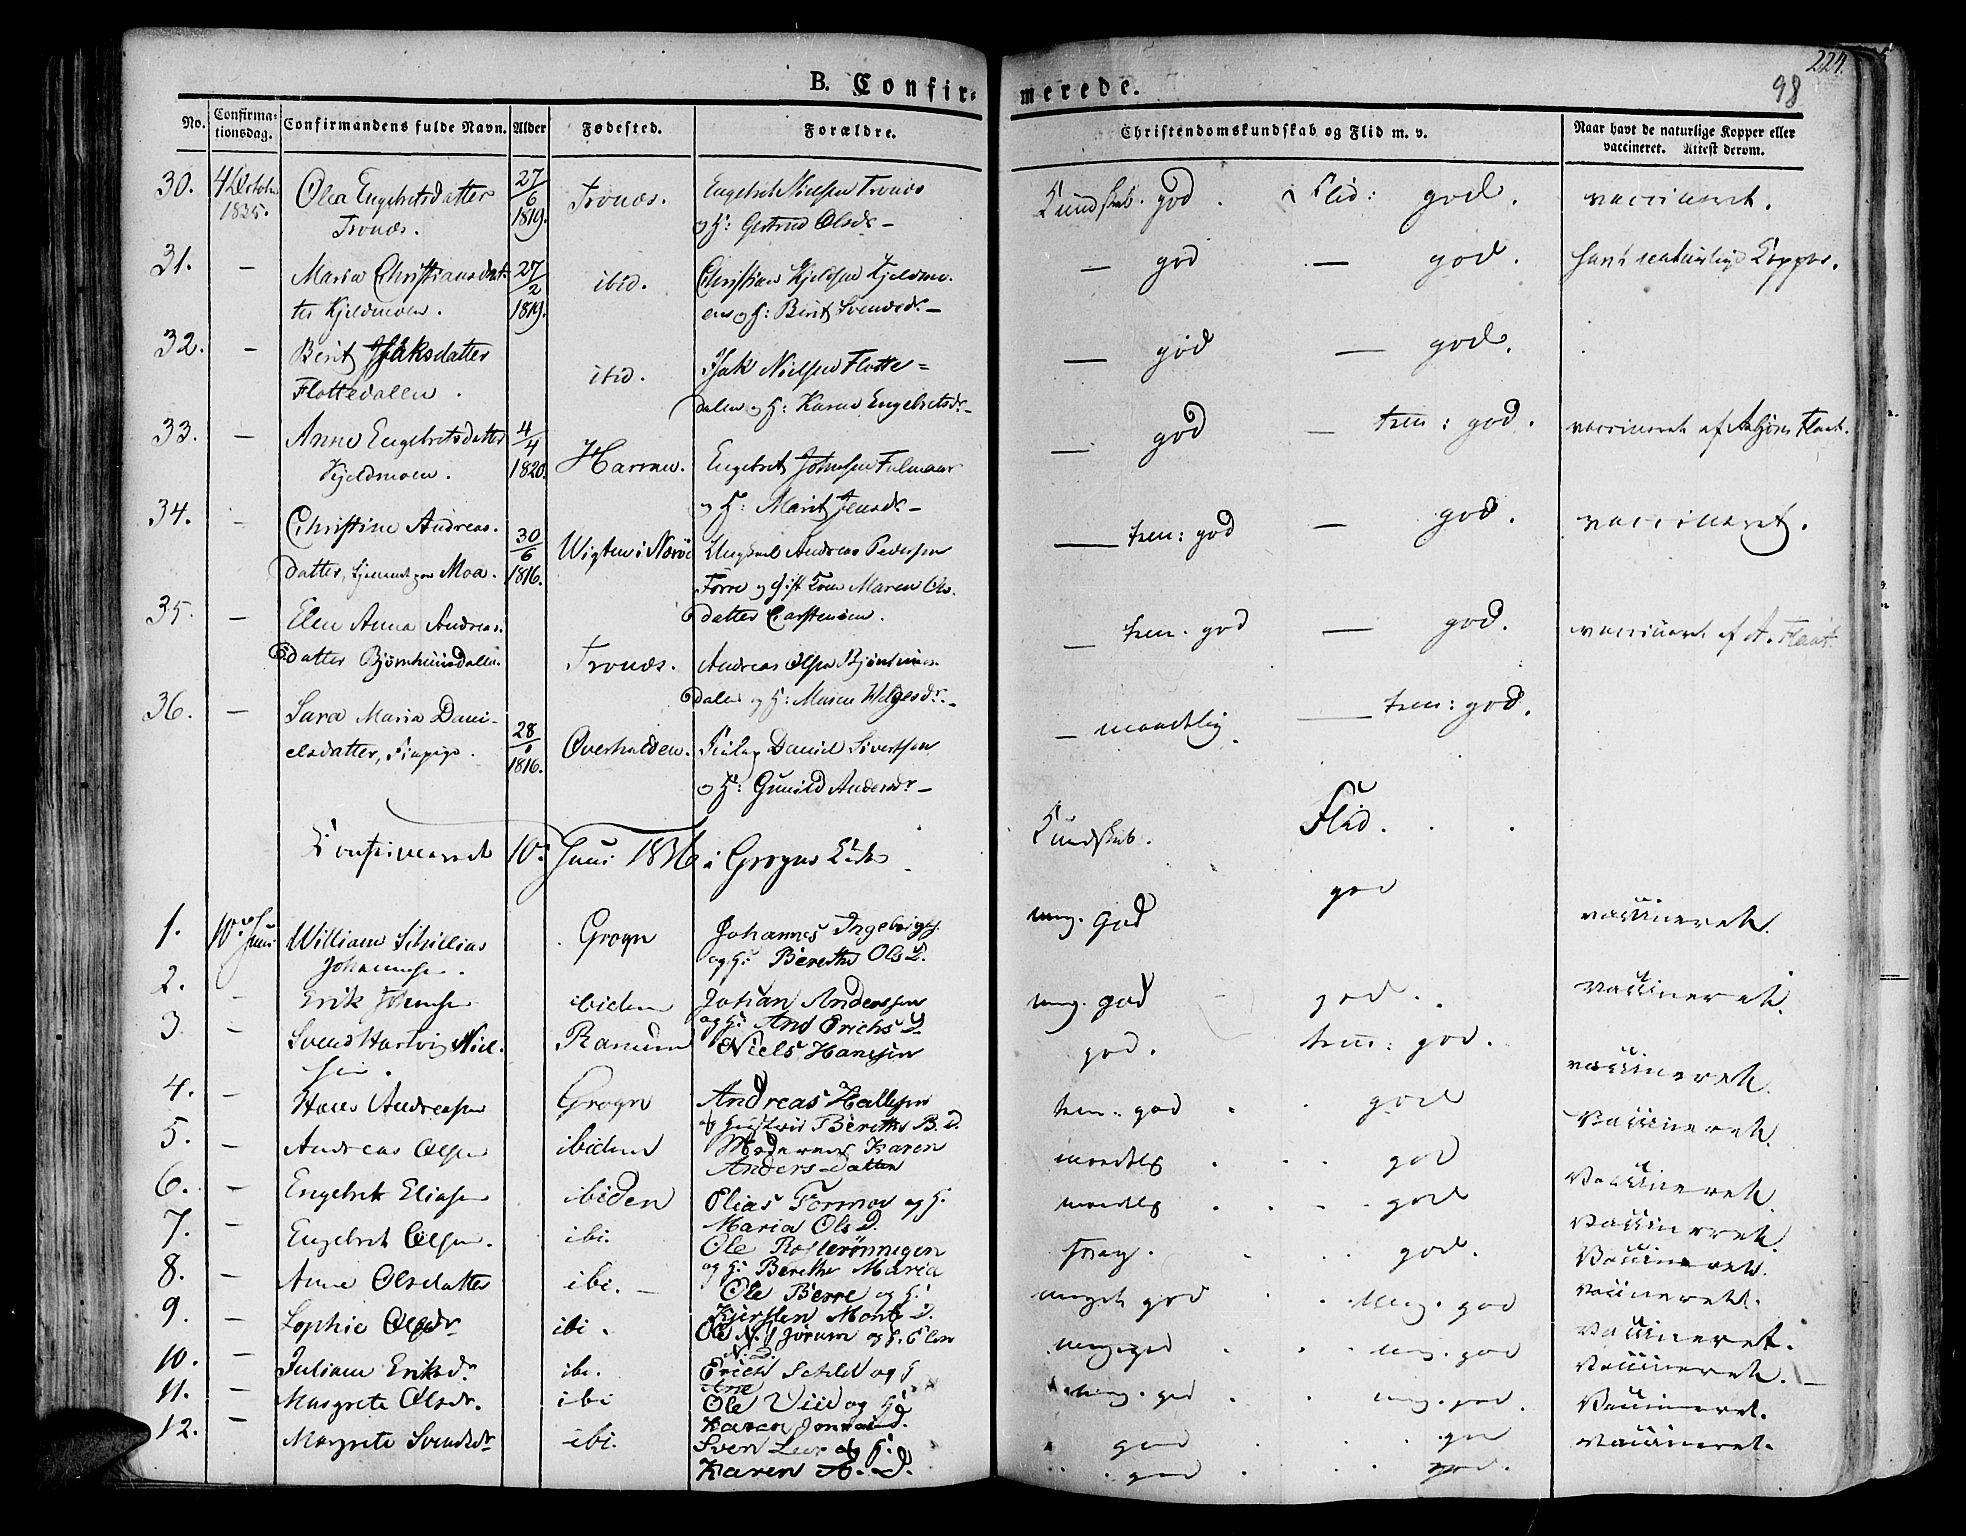 SAT, Ministerialprotokoller, klokkerbøker og fødselsregistre - Nord-Trøndelag, 758/L0510: Ministerialbok nr. 758A01 /1, 1821-1841, s. 98